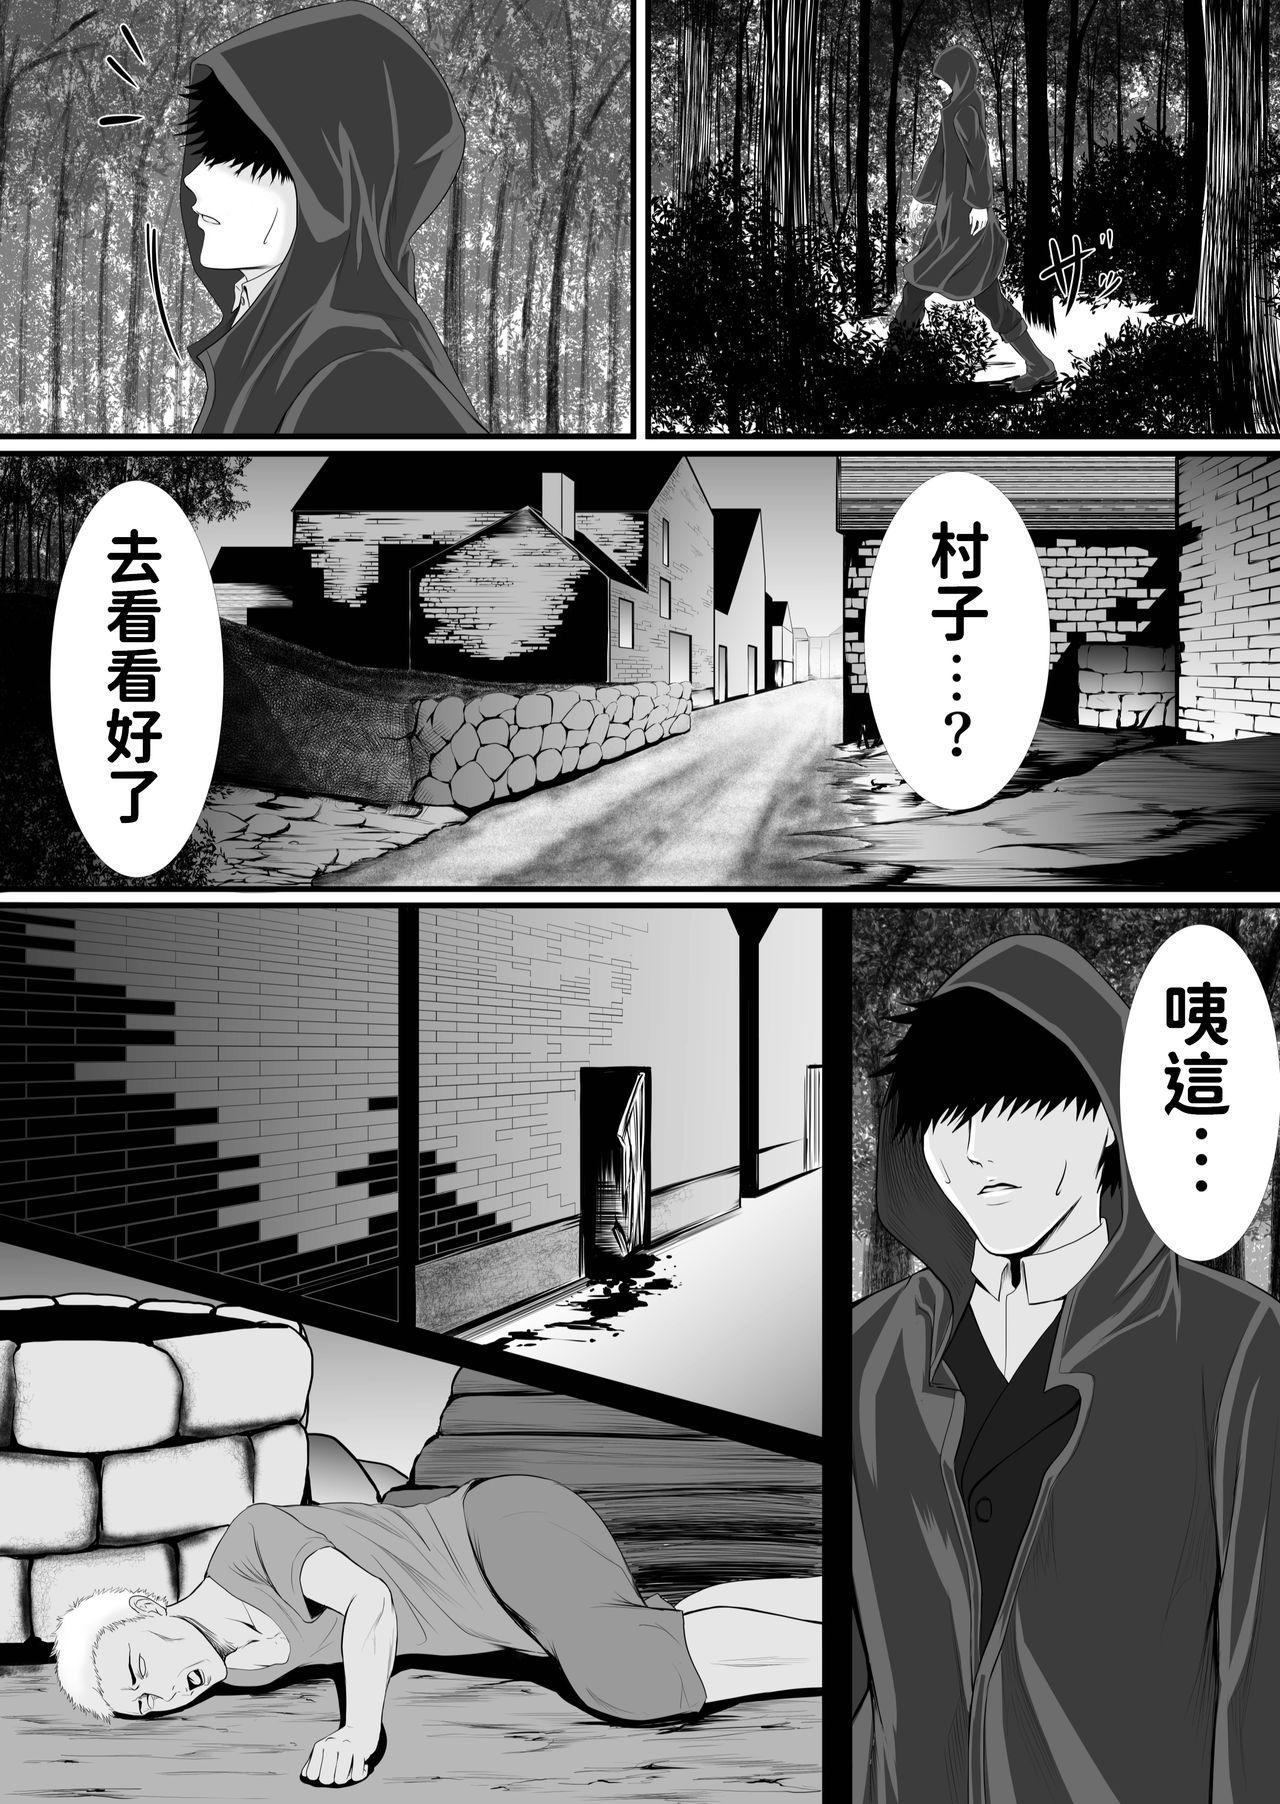 Isekai de nara Warui Onna wa Han Shihoudai nano Kamoshirenai 4